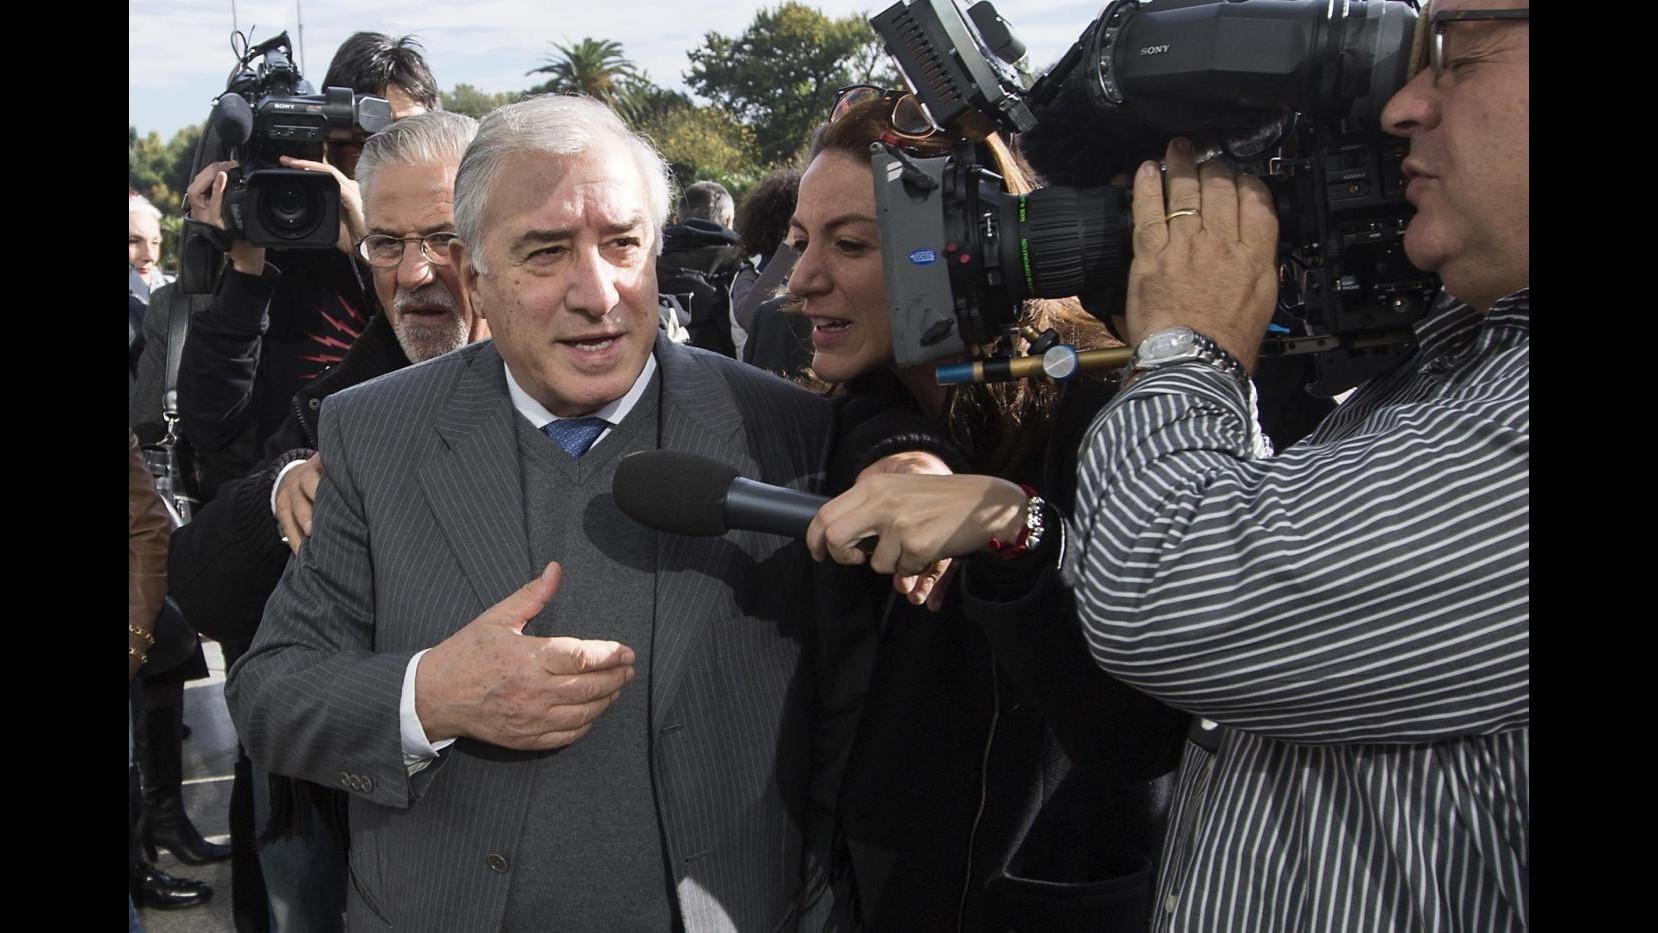 Dell'Utri, Cassazione conferma condanna a 7 anni. Difesa: Delusi, ricorreremo a Strasburgo